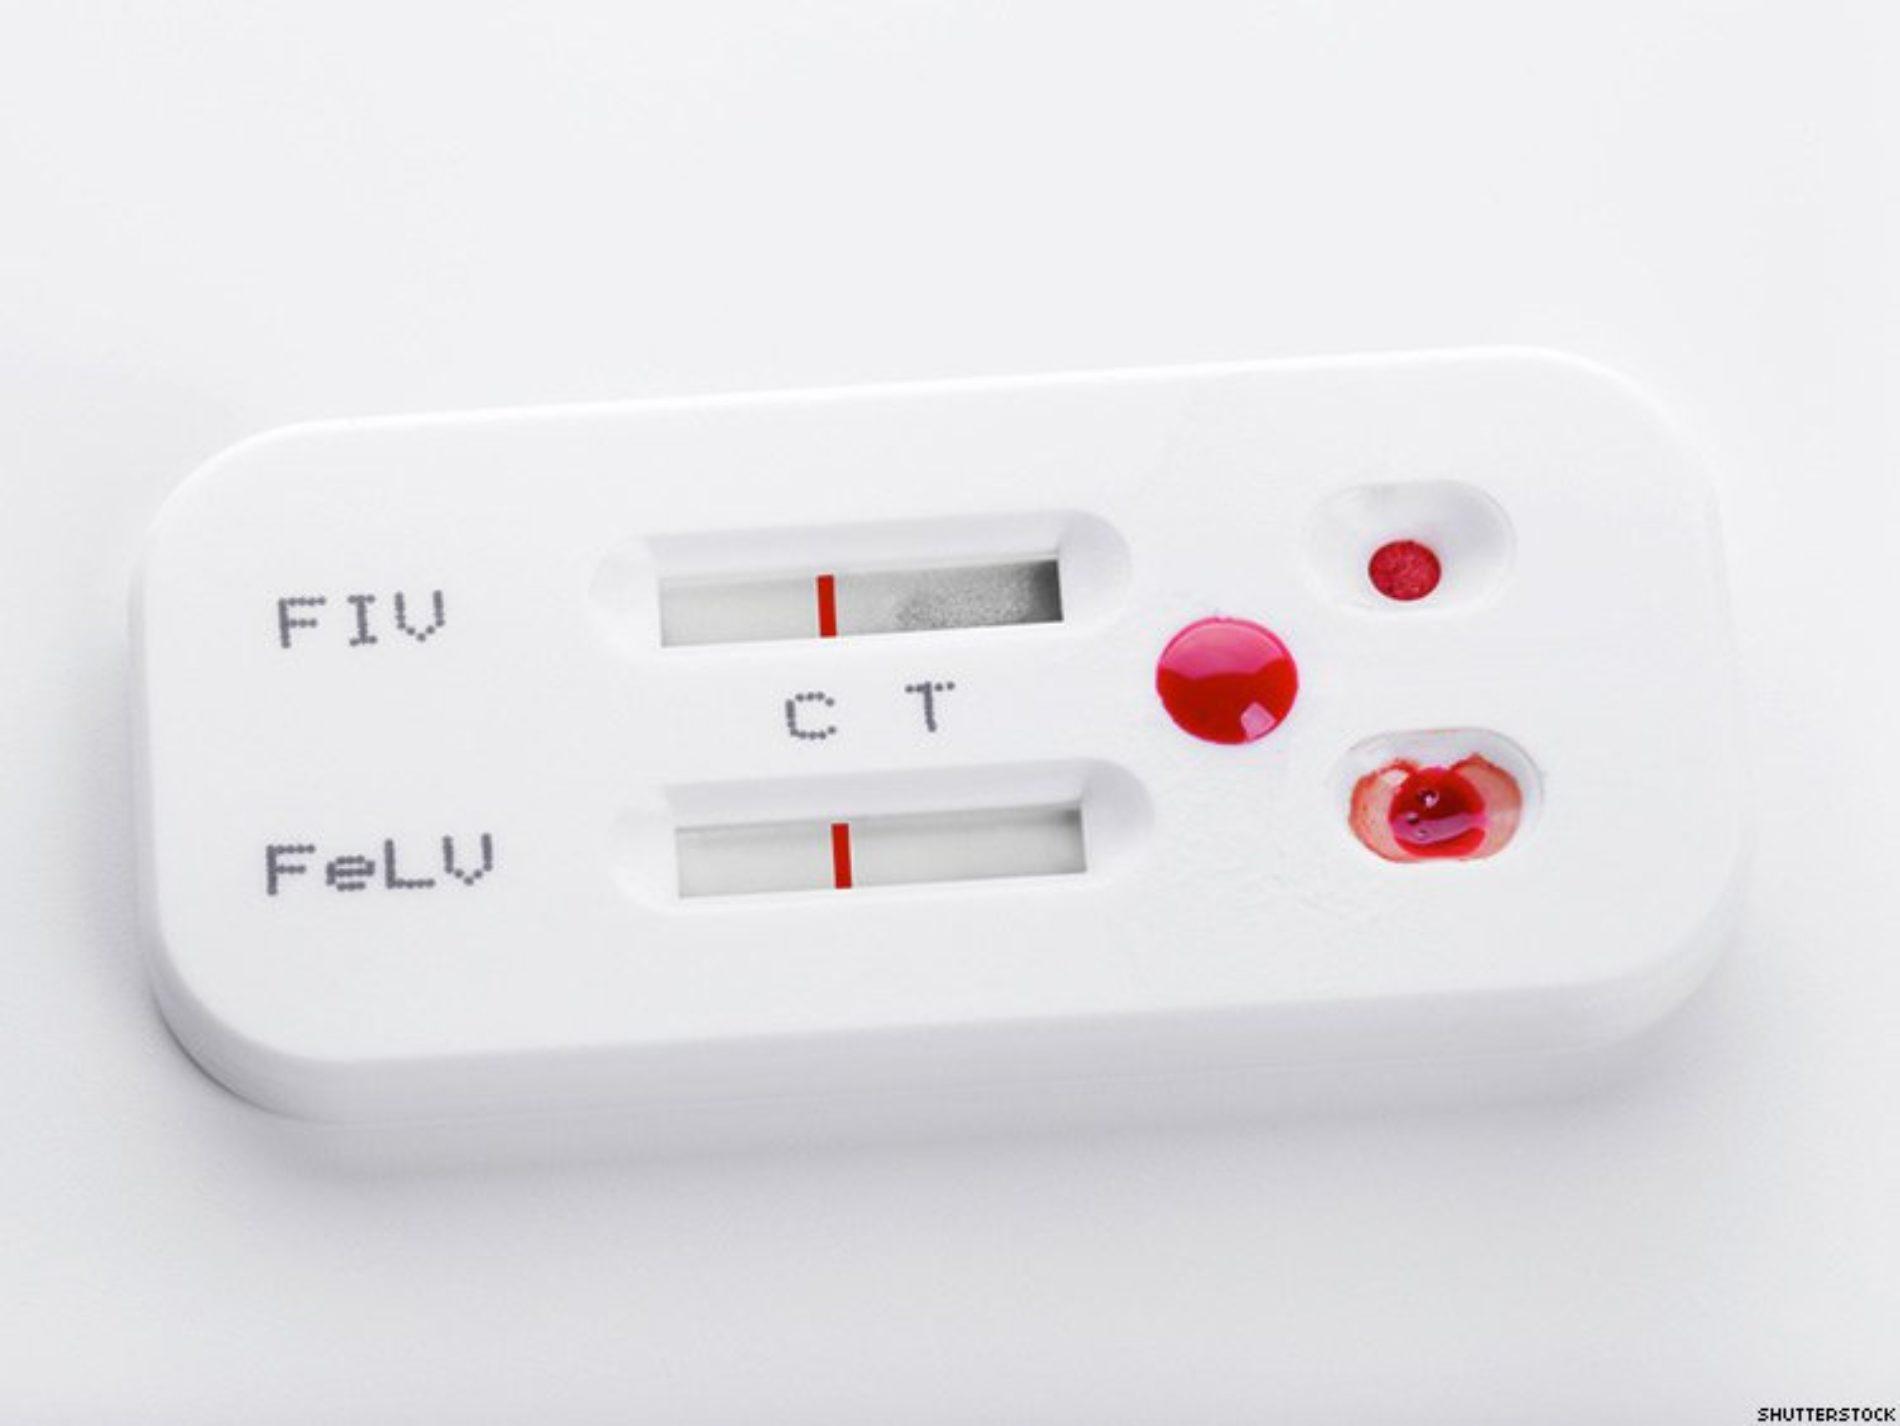 HIV Self-Test Kits Are Met With Apprehension in Kenya